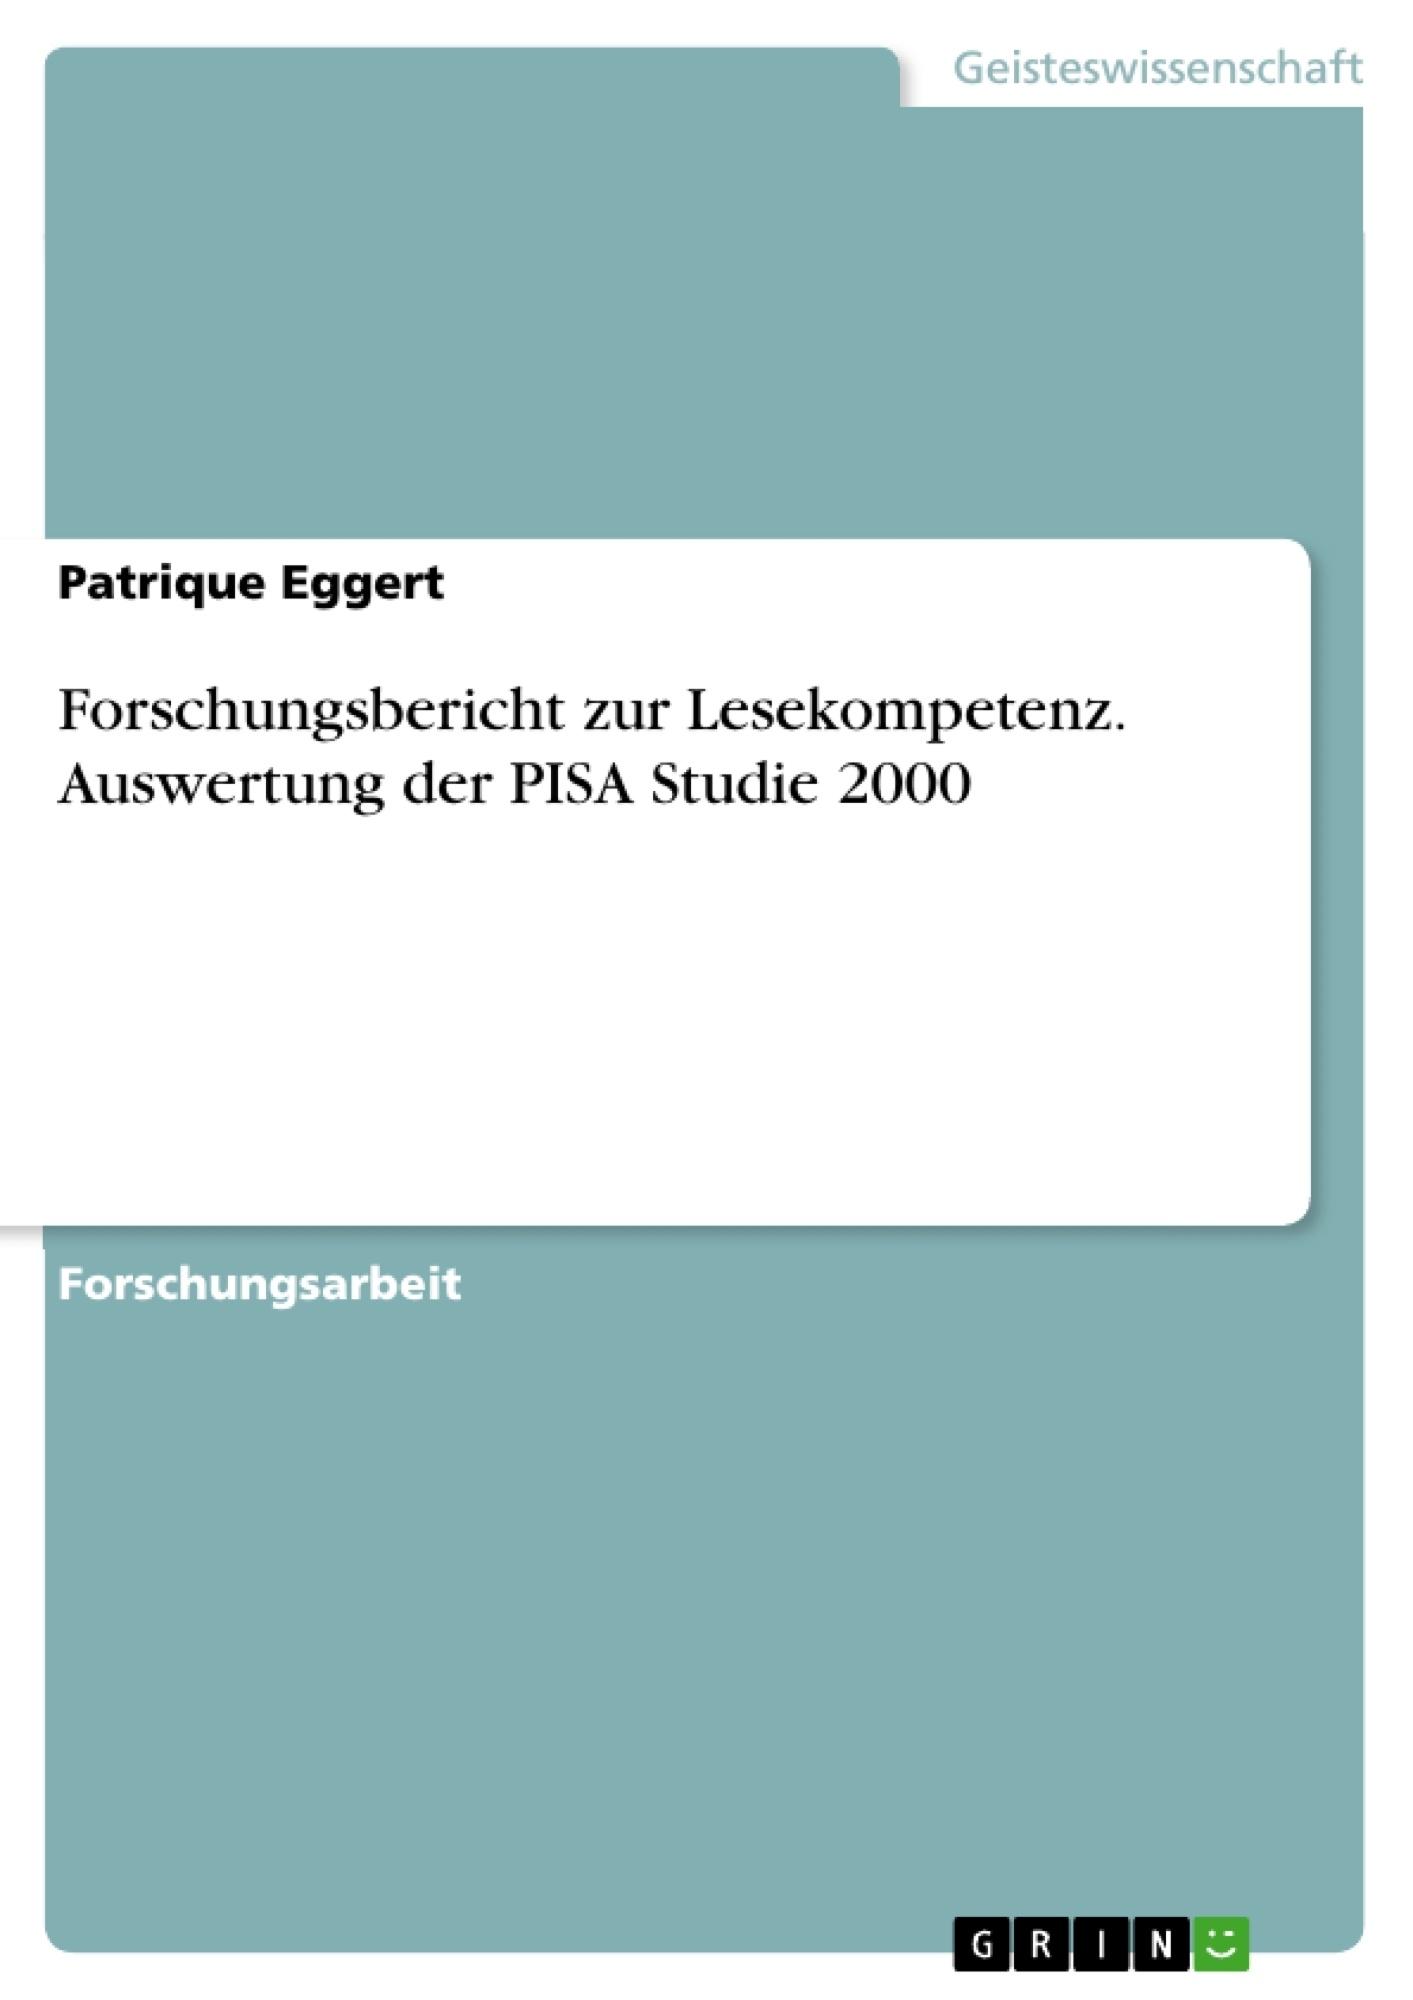 Titel: Forschungsbericht zur Lesekompetenz. Auswertung der PISA Studie 2000